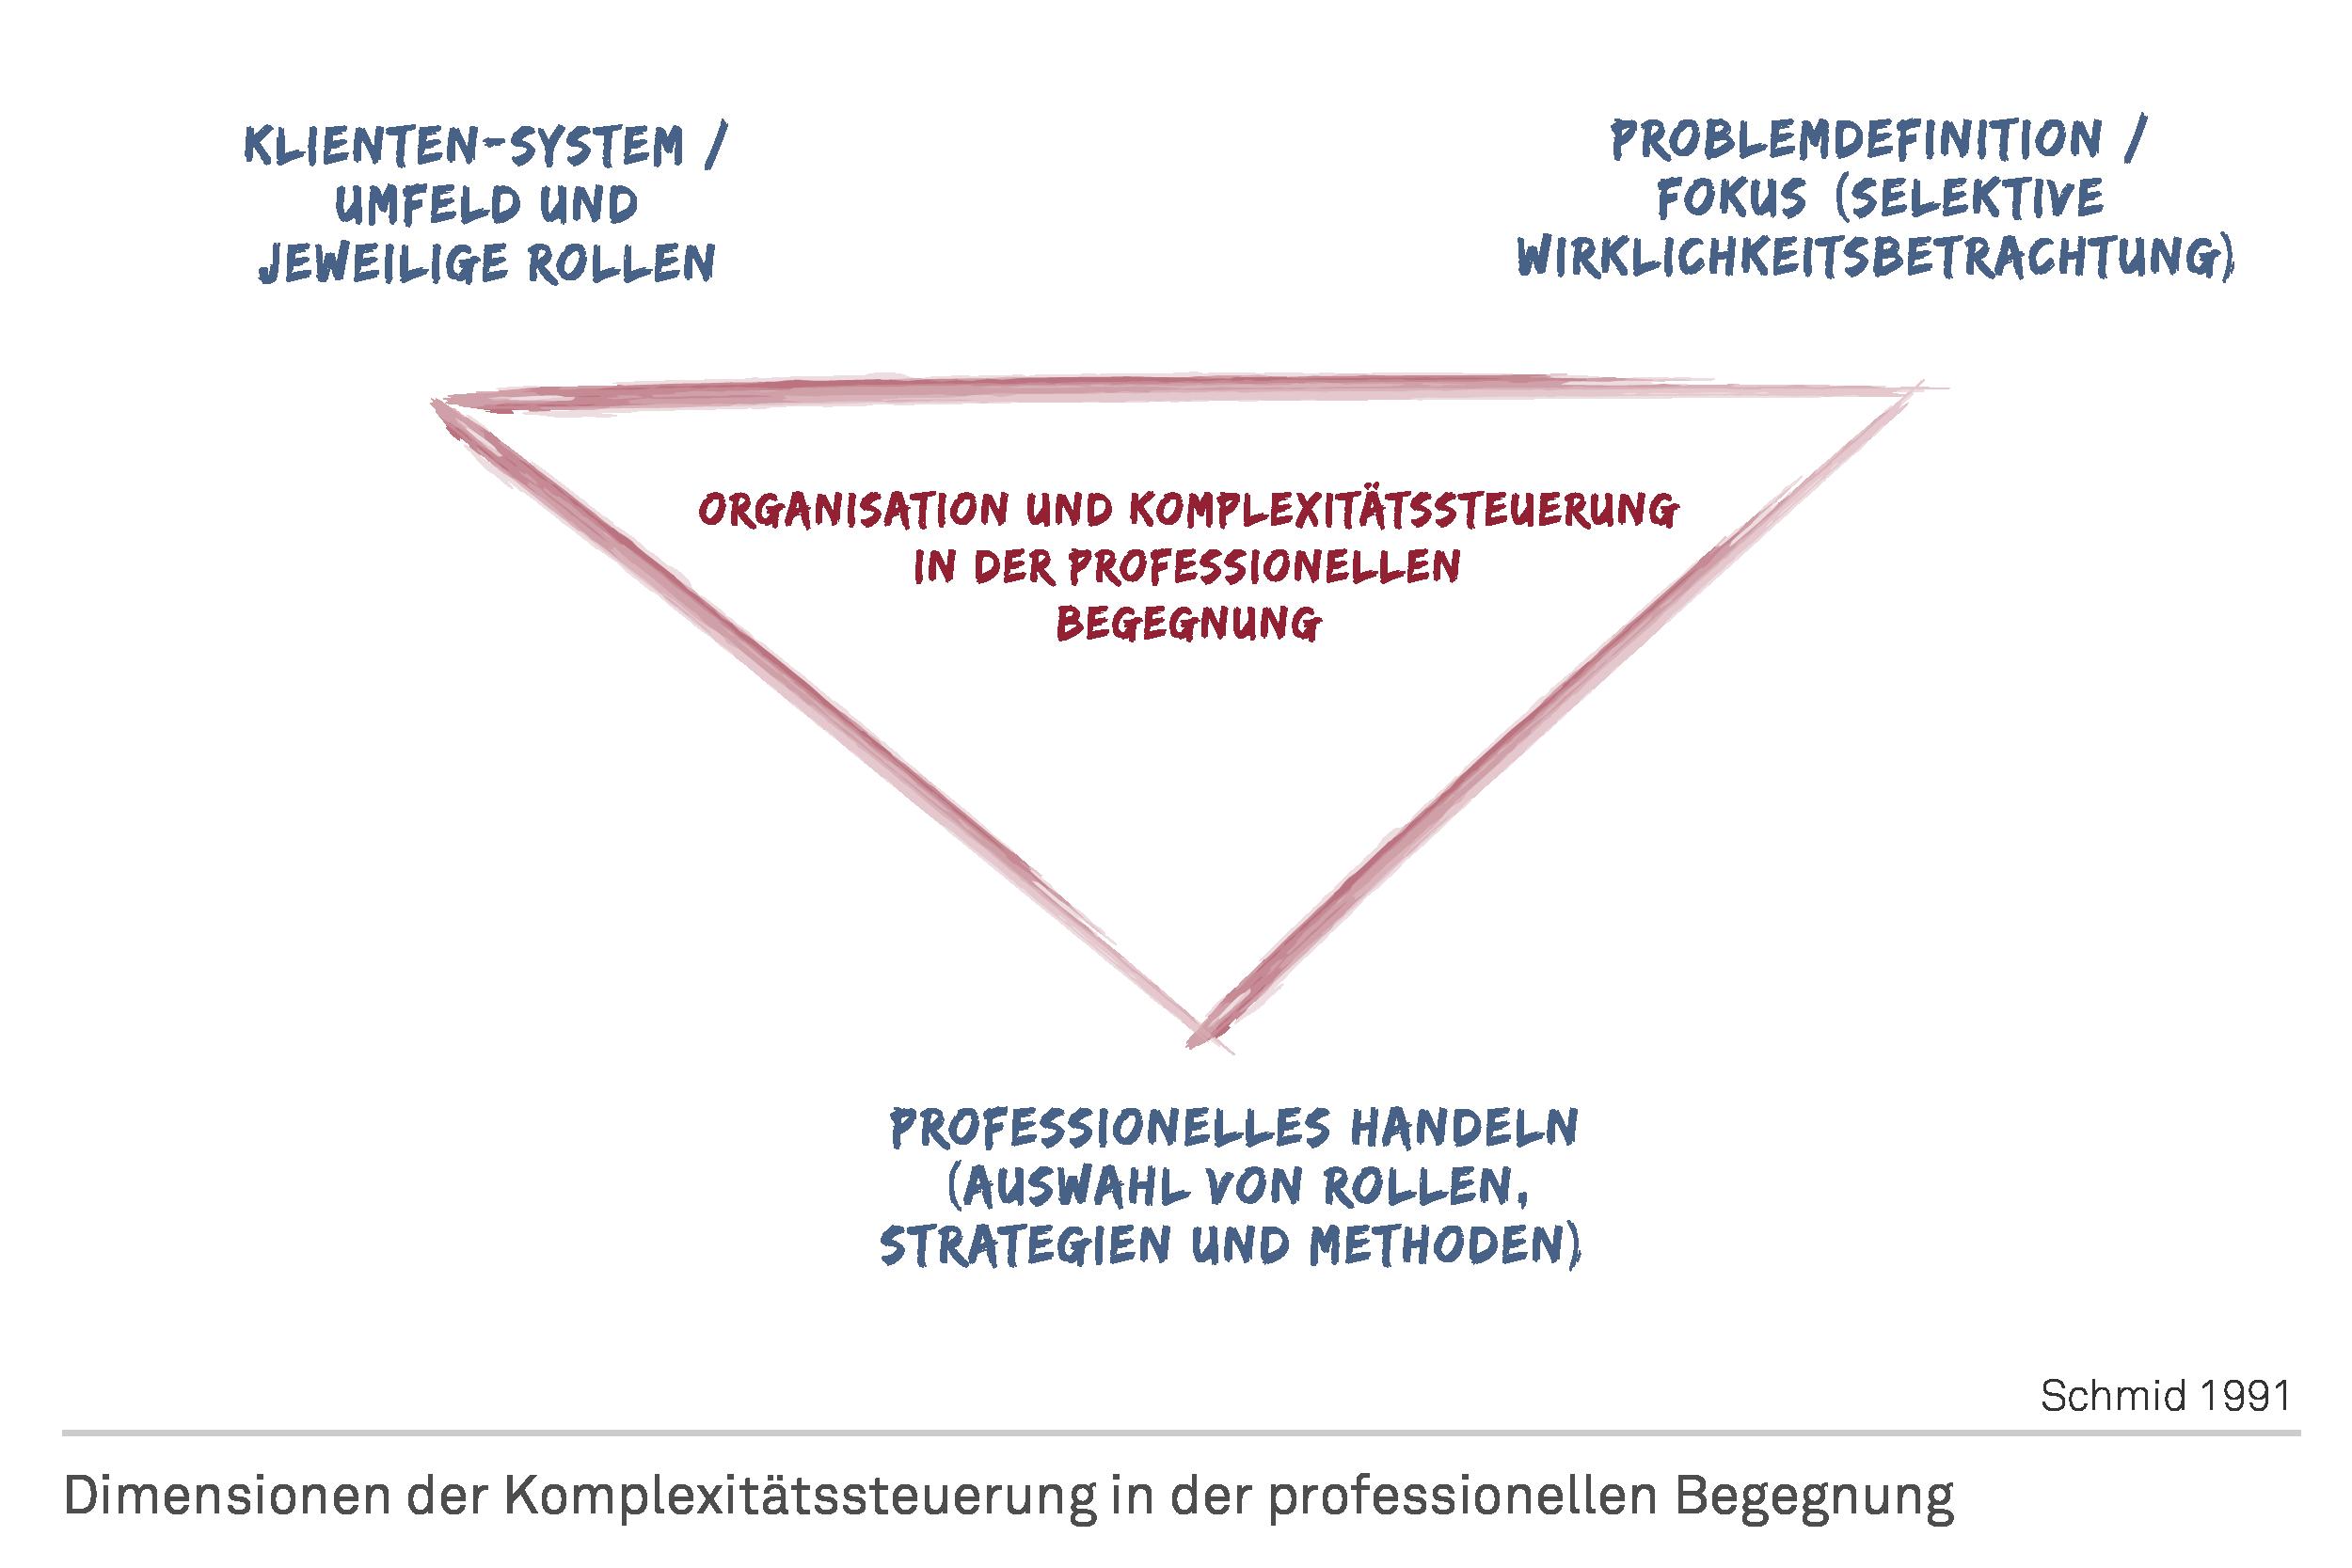 Dimensionen der Komplexitätssteuerung